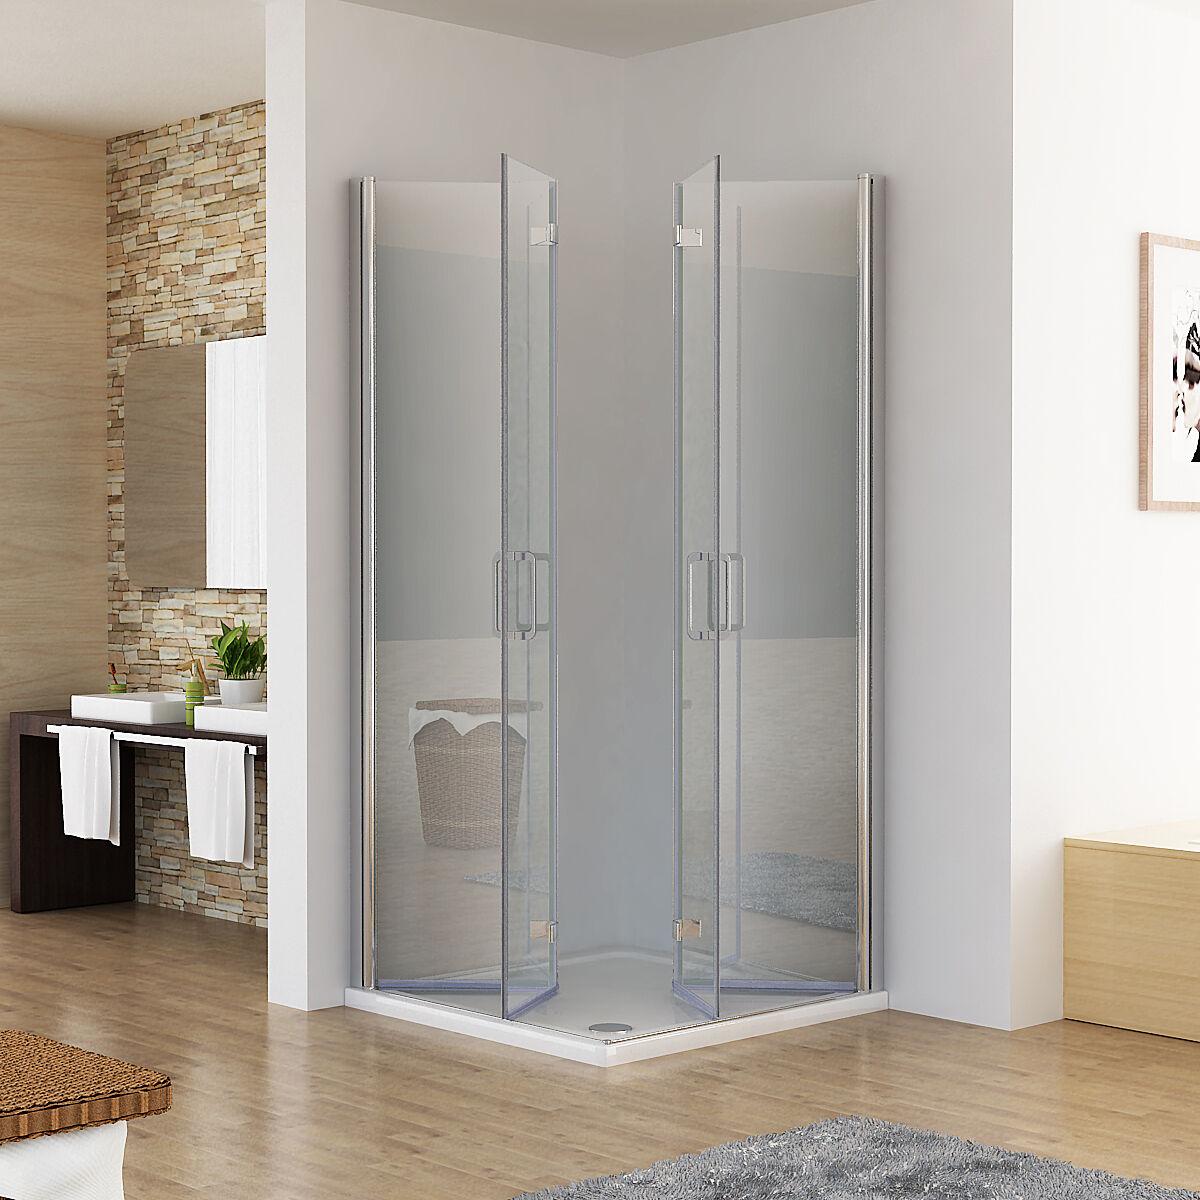 duschkabine eckeinstieg dusche 180 faltt r duschwand duschabtrennung nano esg ebay. Black Bedroom Furniture Sets. Home Design Ideas